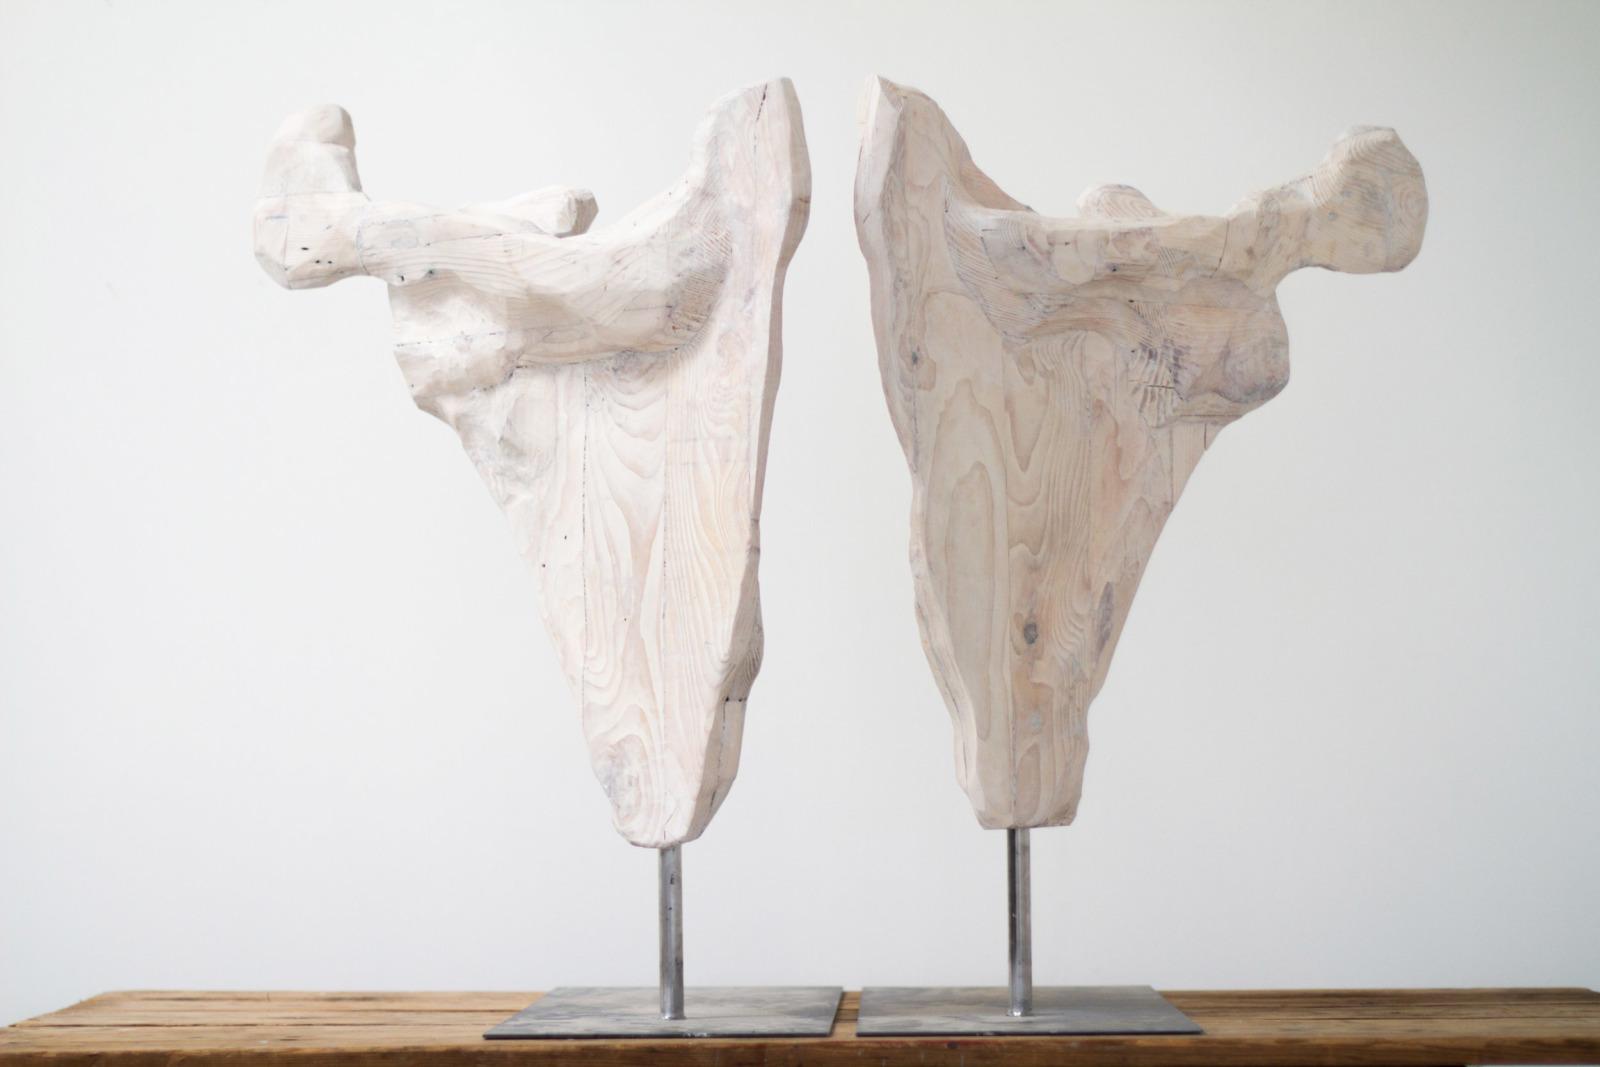 Os de Palette, sculpture from reclaimed pallet wood, 2019, 62 cm x 24 cm x 78 cm each, 2 sculptures on steel bases.